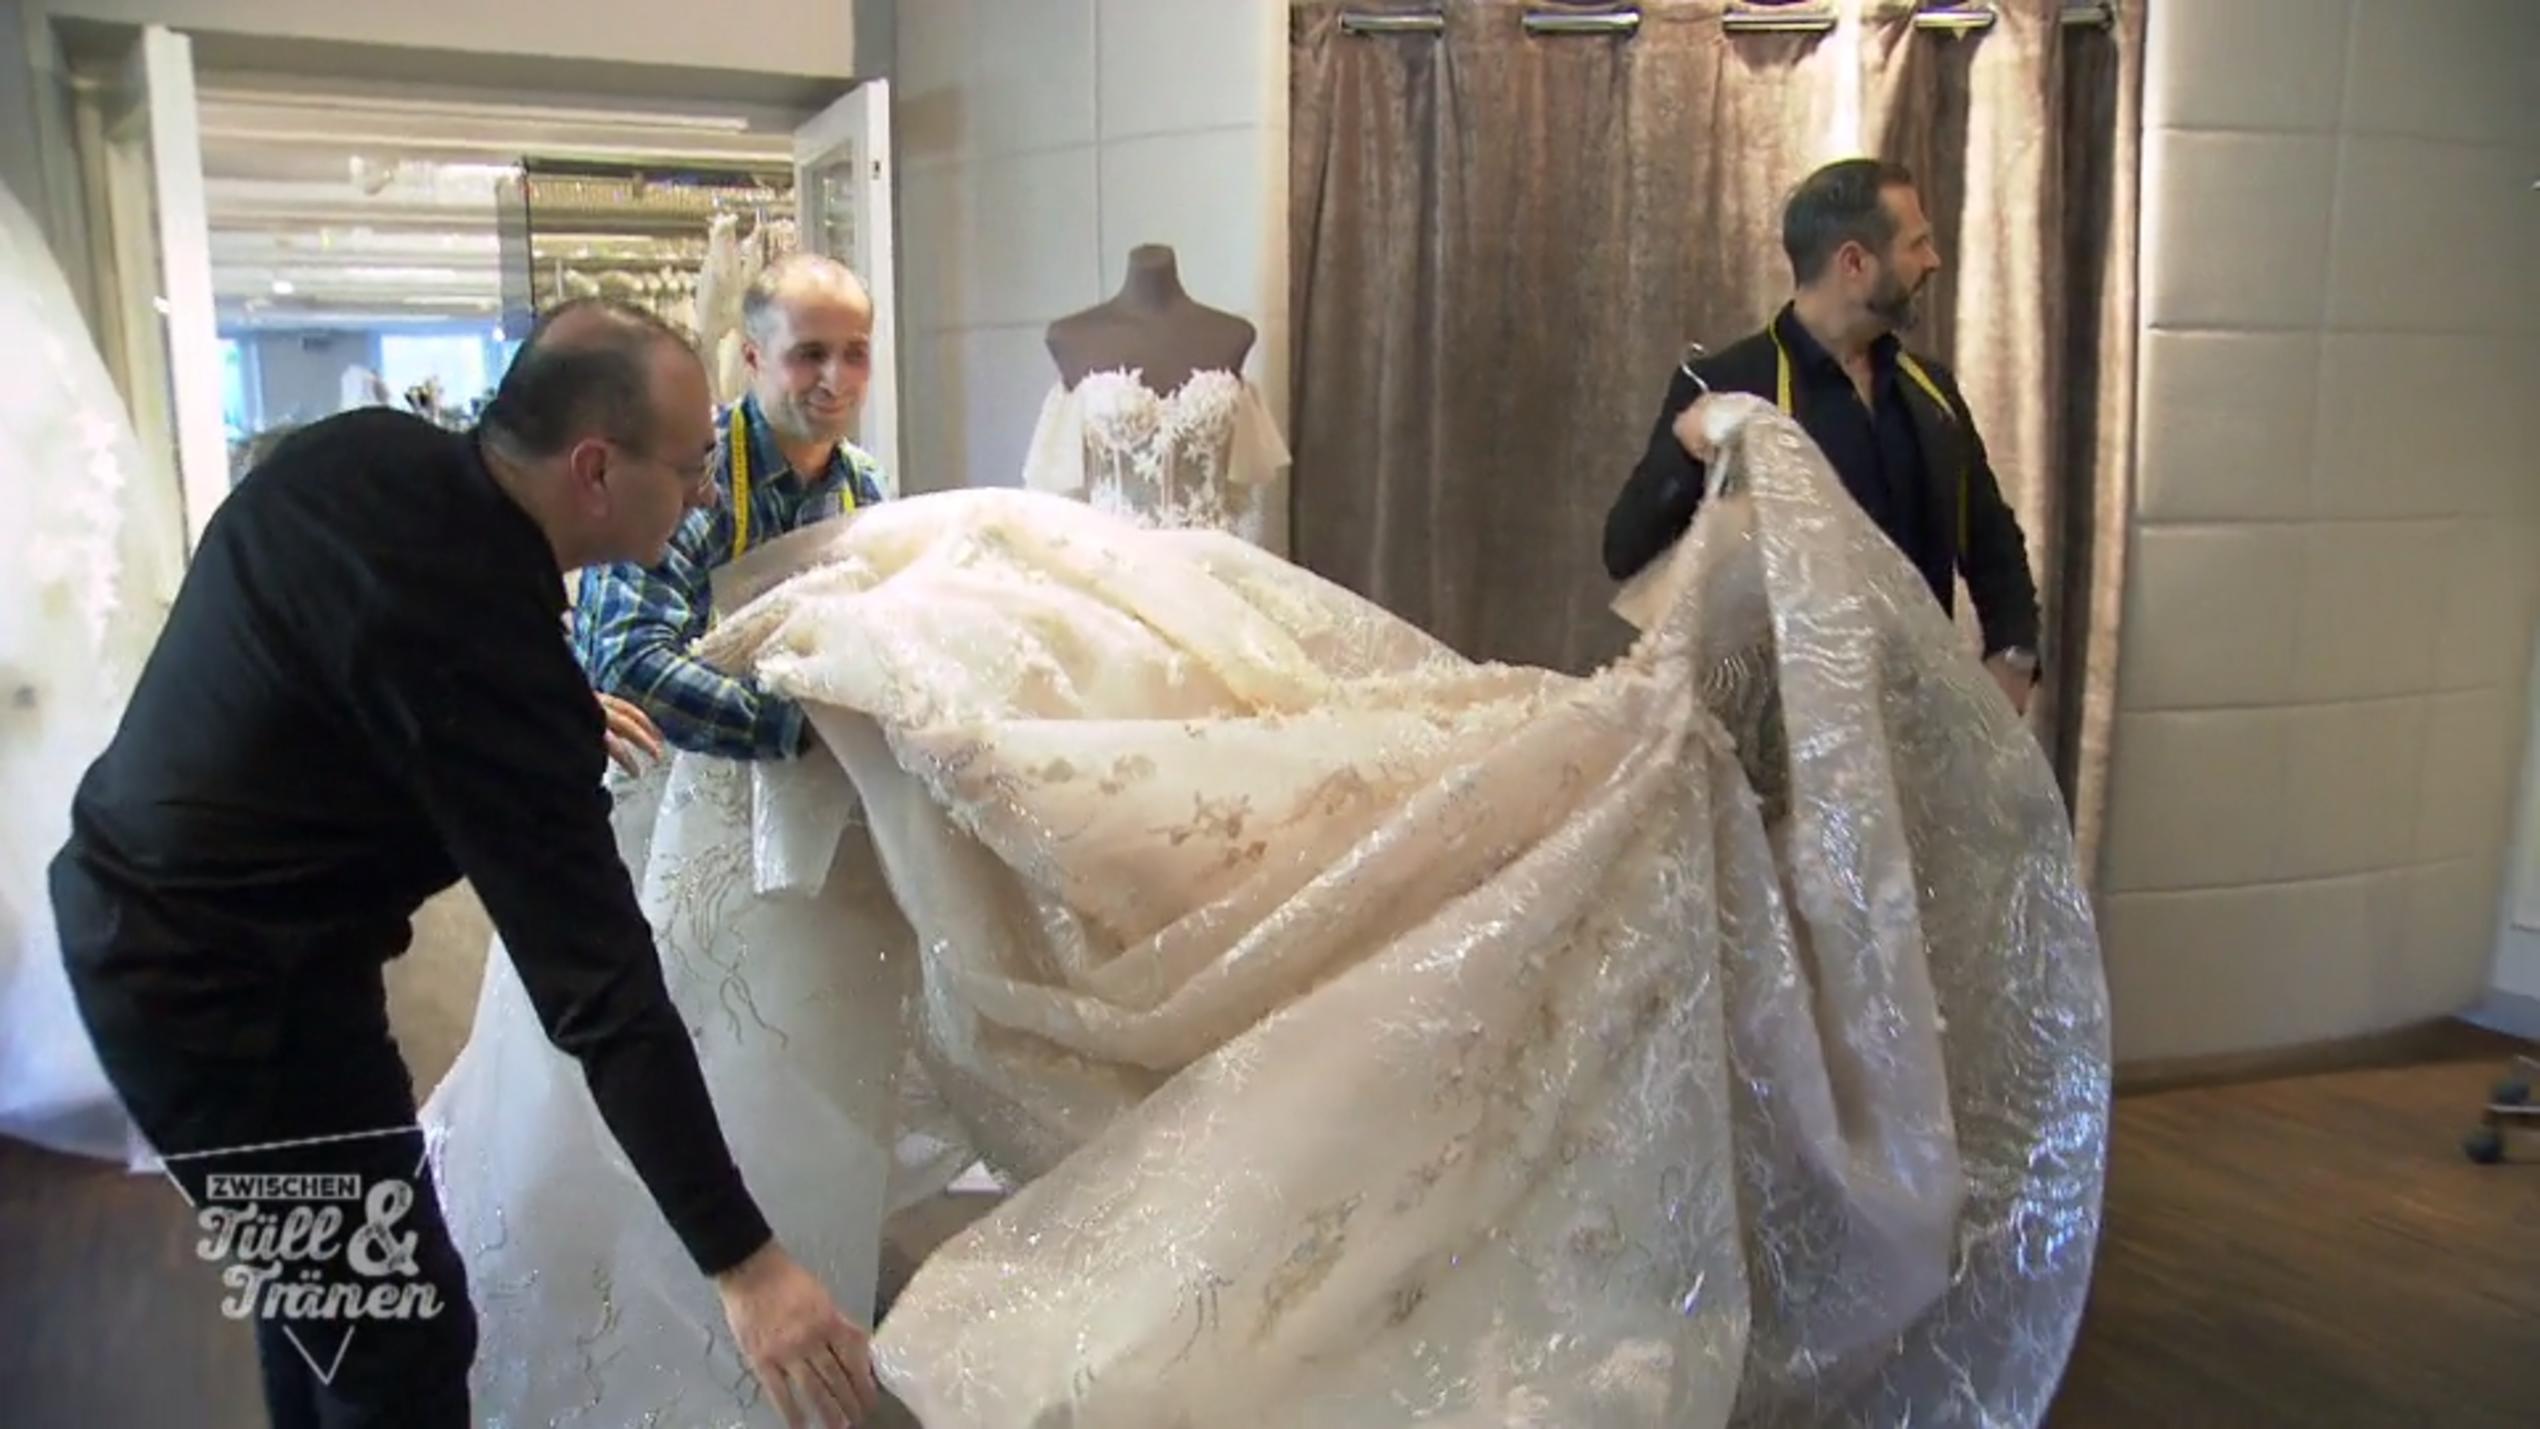 Ihre mann der kleider trägt frau sucht Menschen fangen